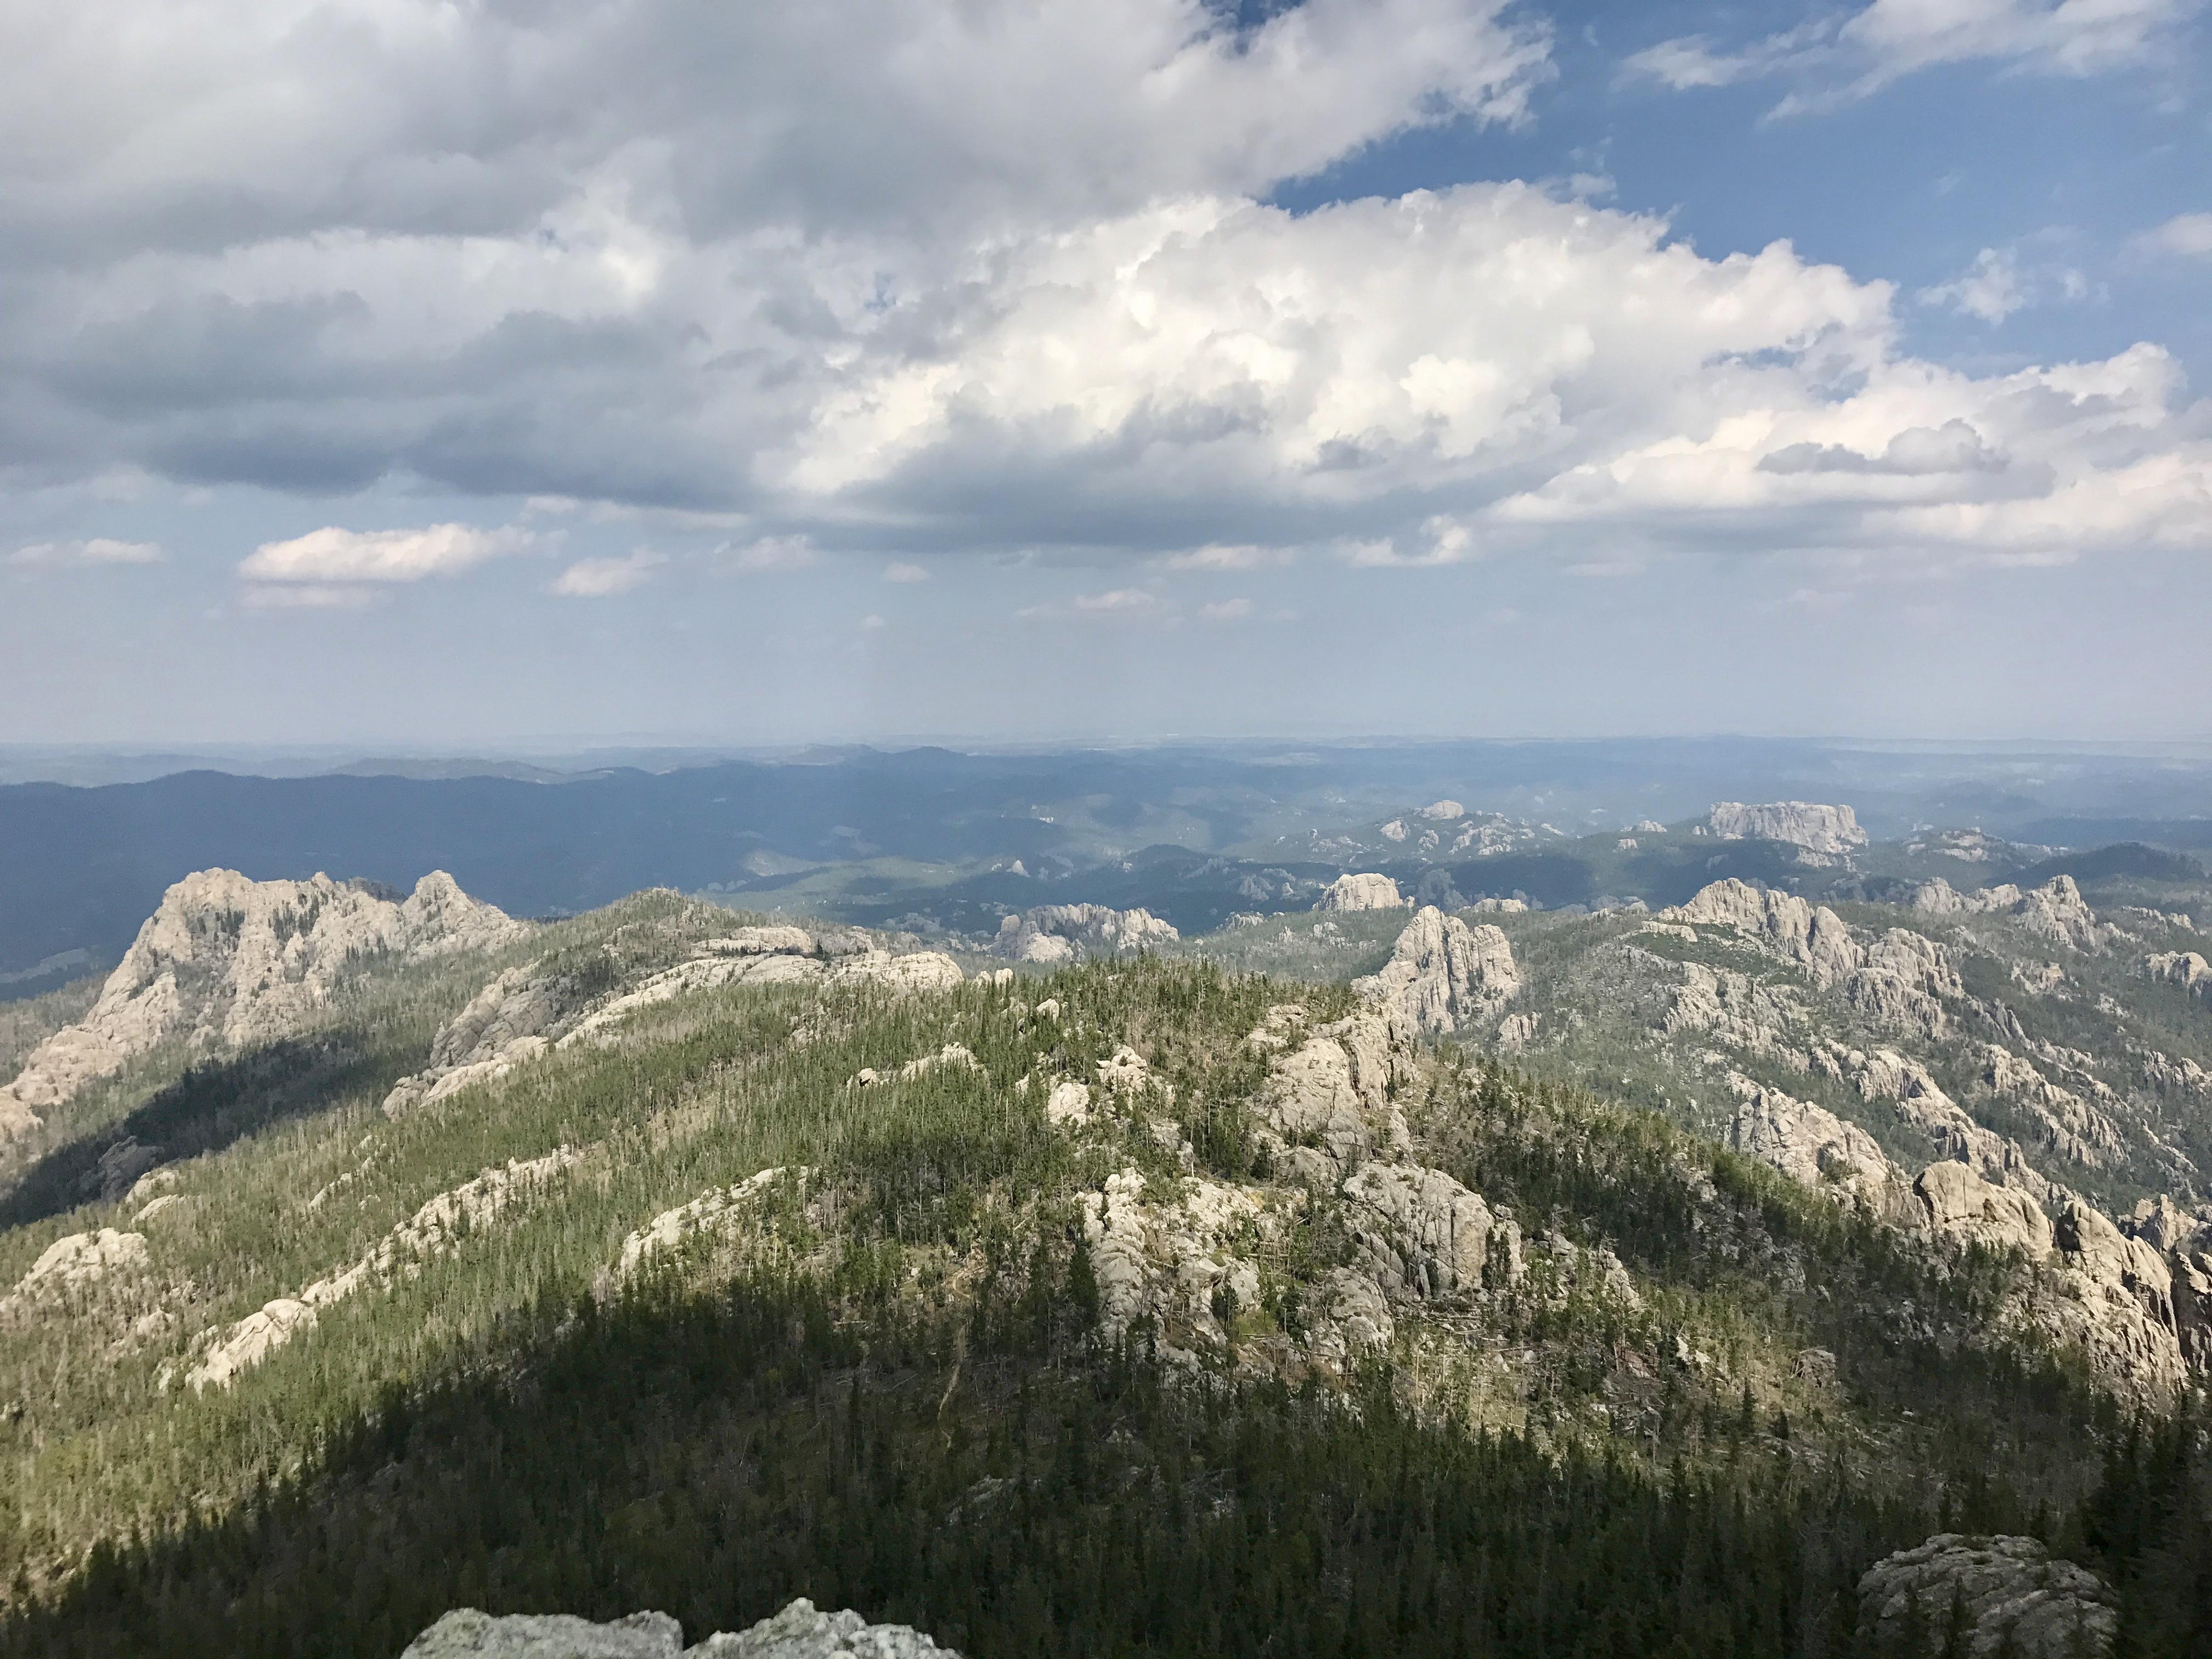 Black Hills hiking trip